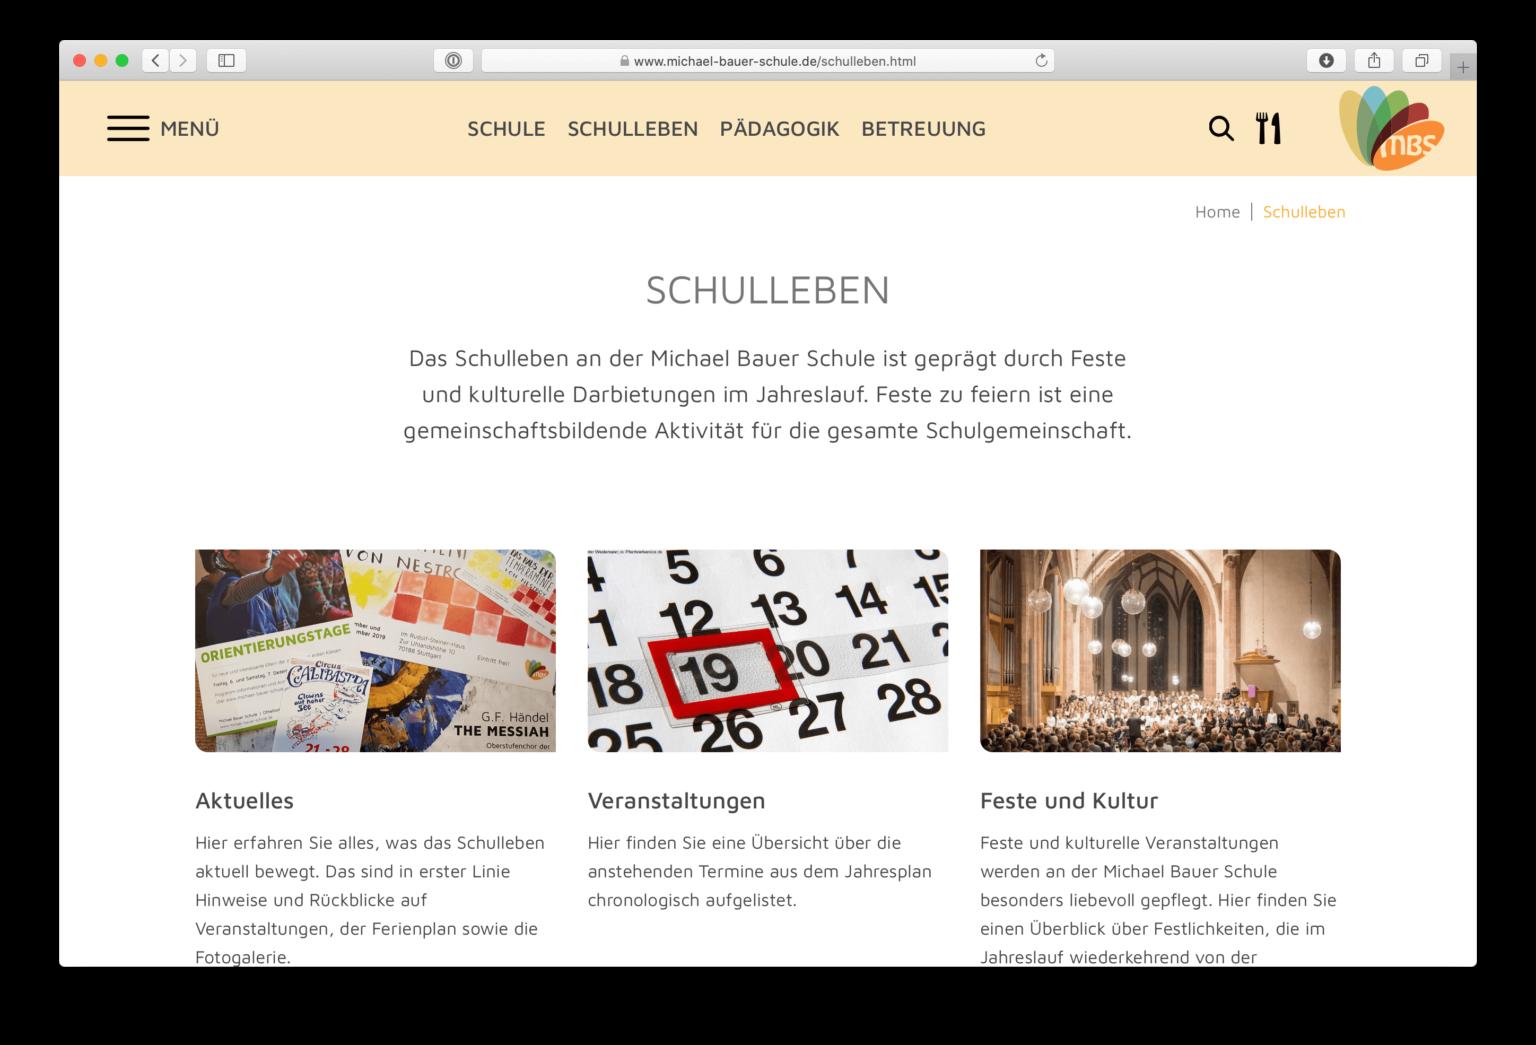 Webdesign einer Unterseite der Michael Bauer Schule in Stuttgart